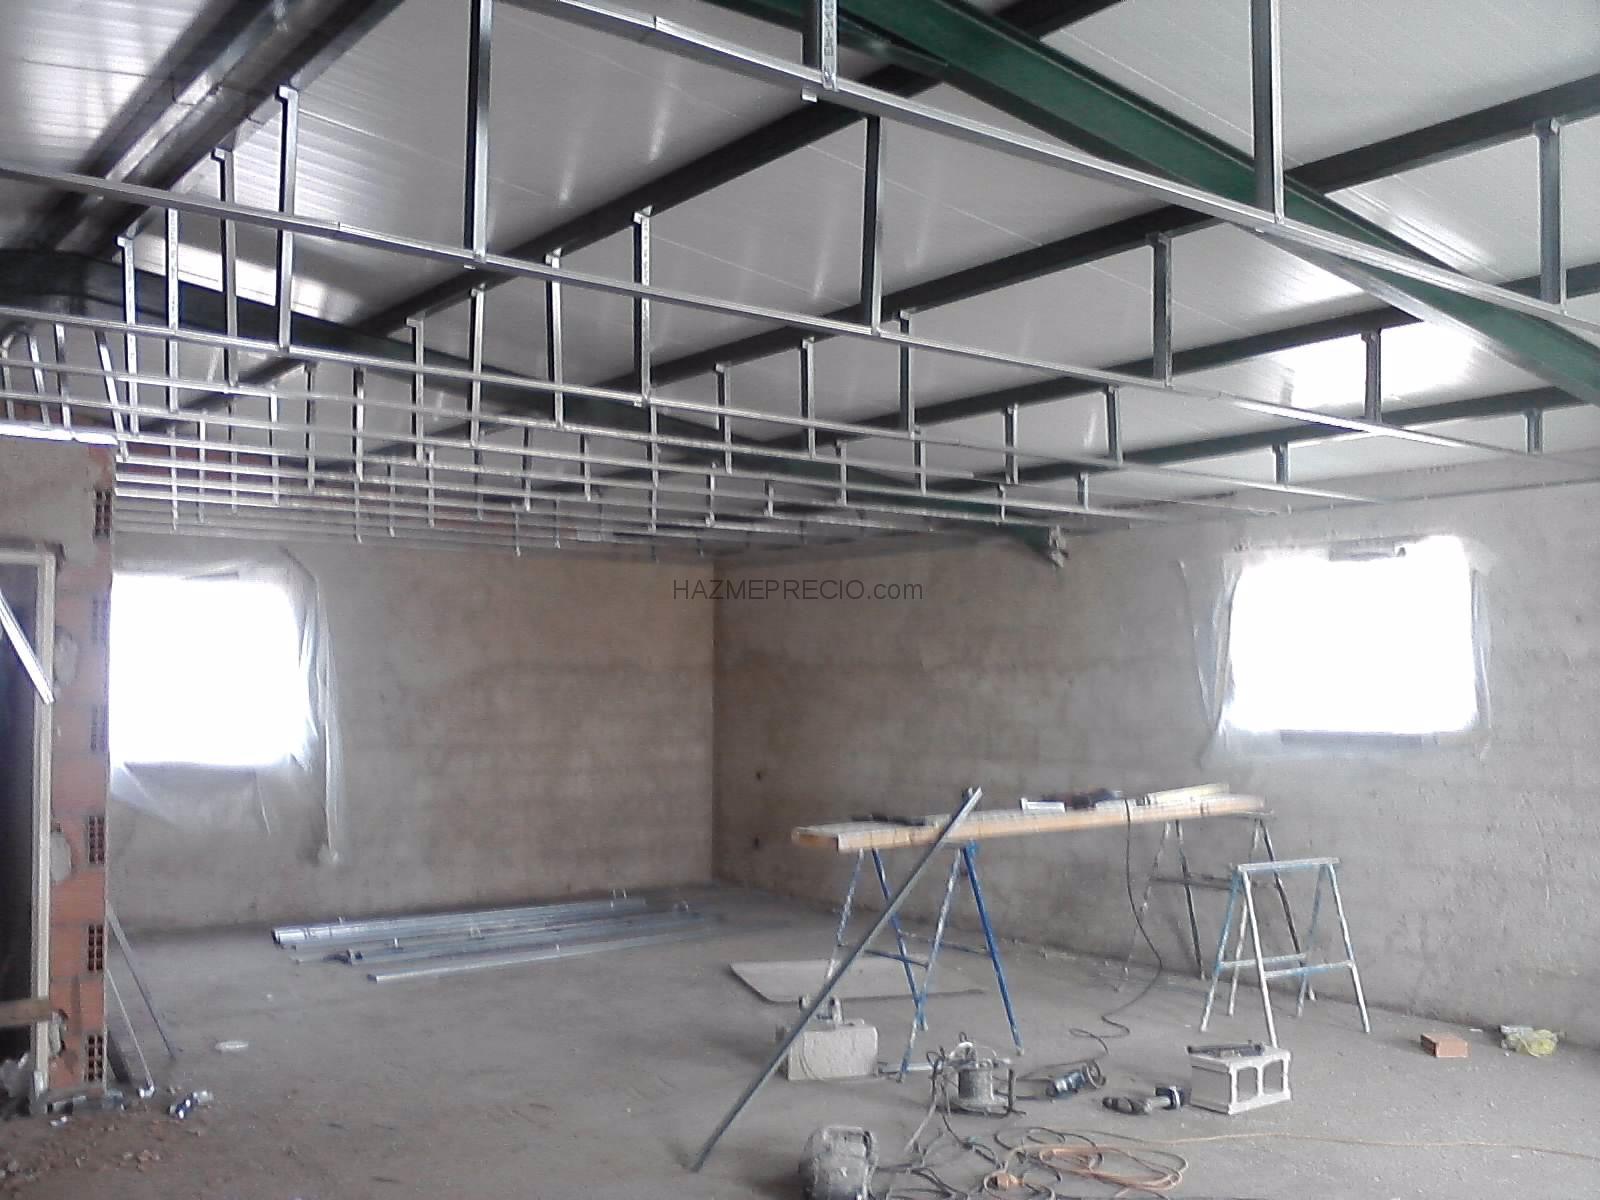 Presupuesto para poner techo de pladur en sal n y pasillo - Falsos techos de pladur ...